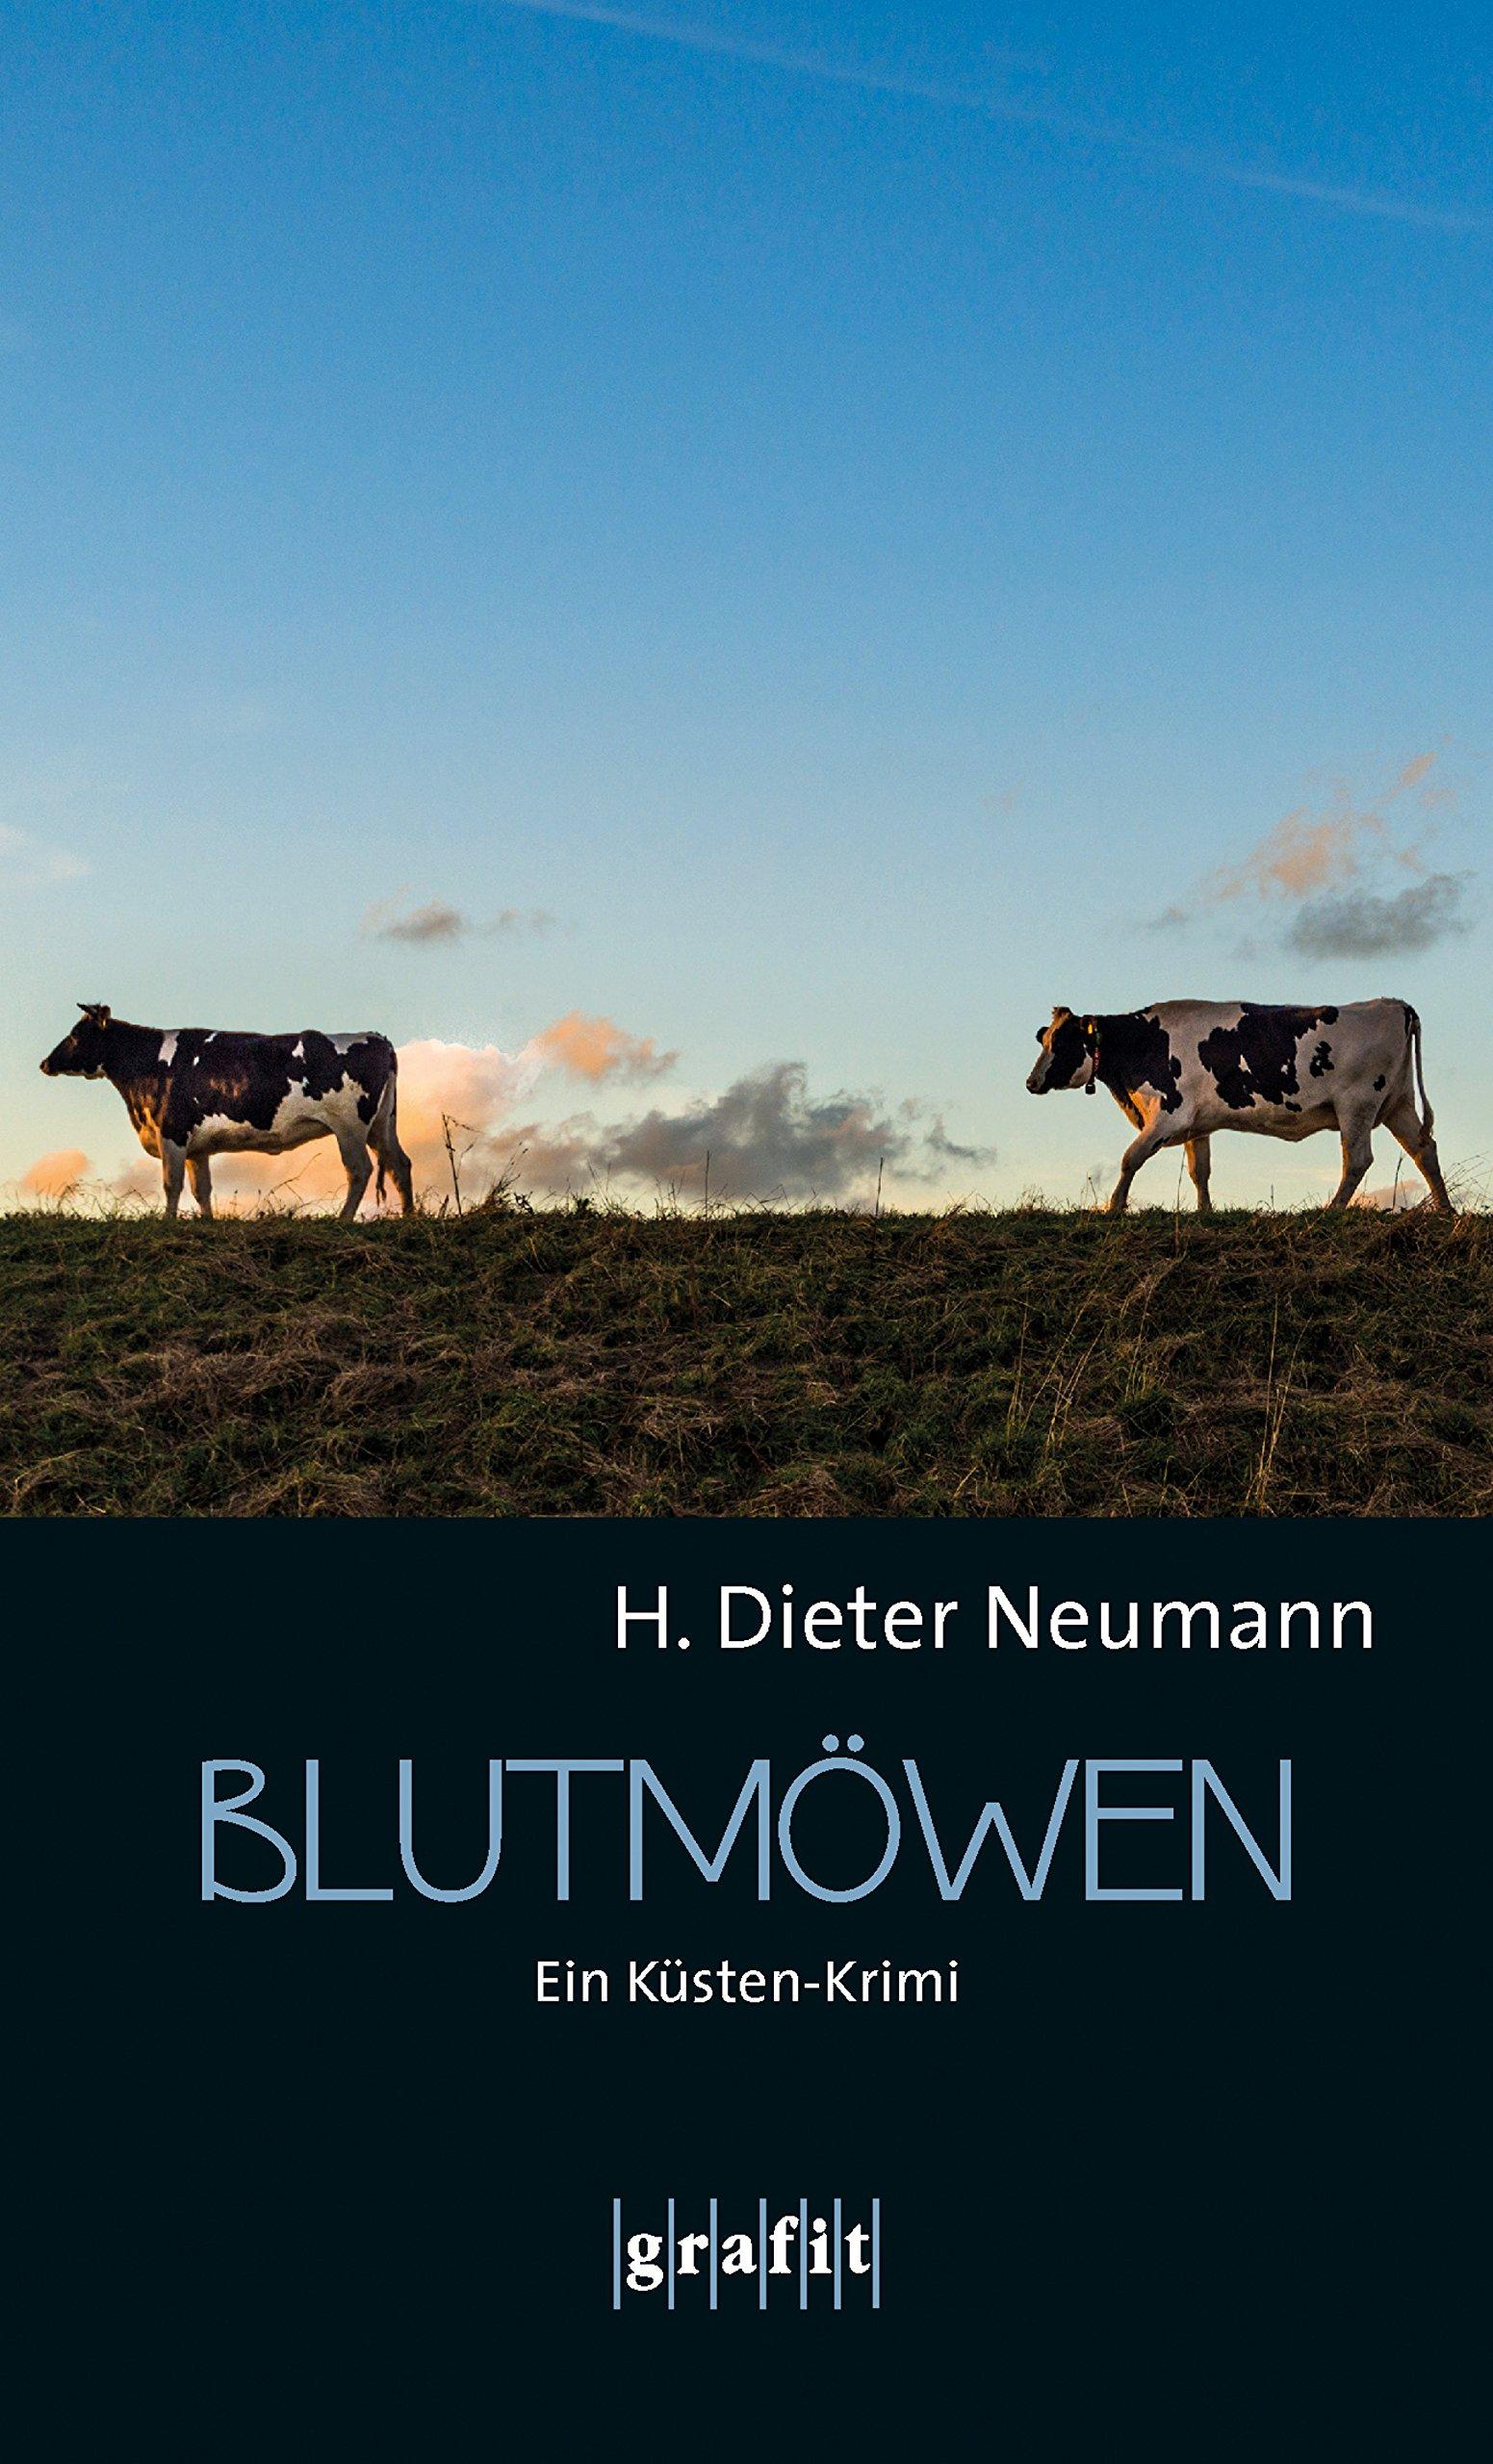 Blutmöwen (Helene Christ): Amazon.de: H. Dieter Neumann: Bücher